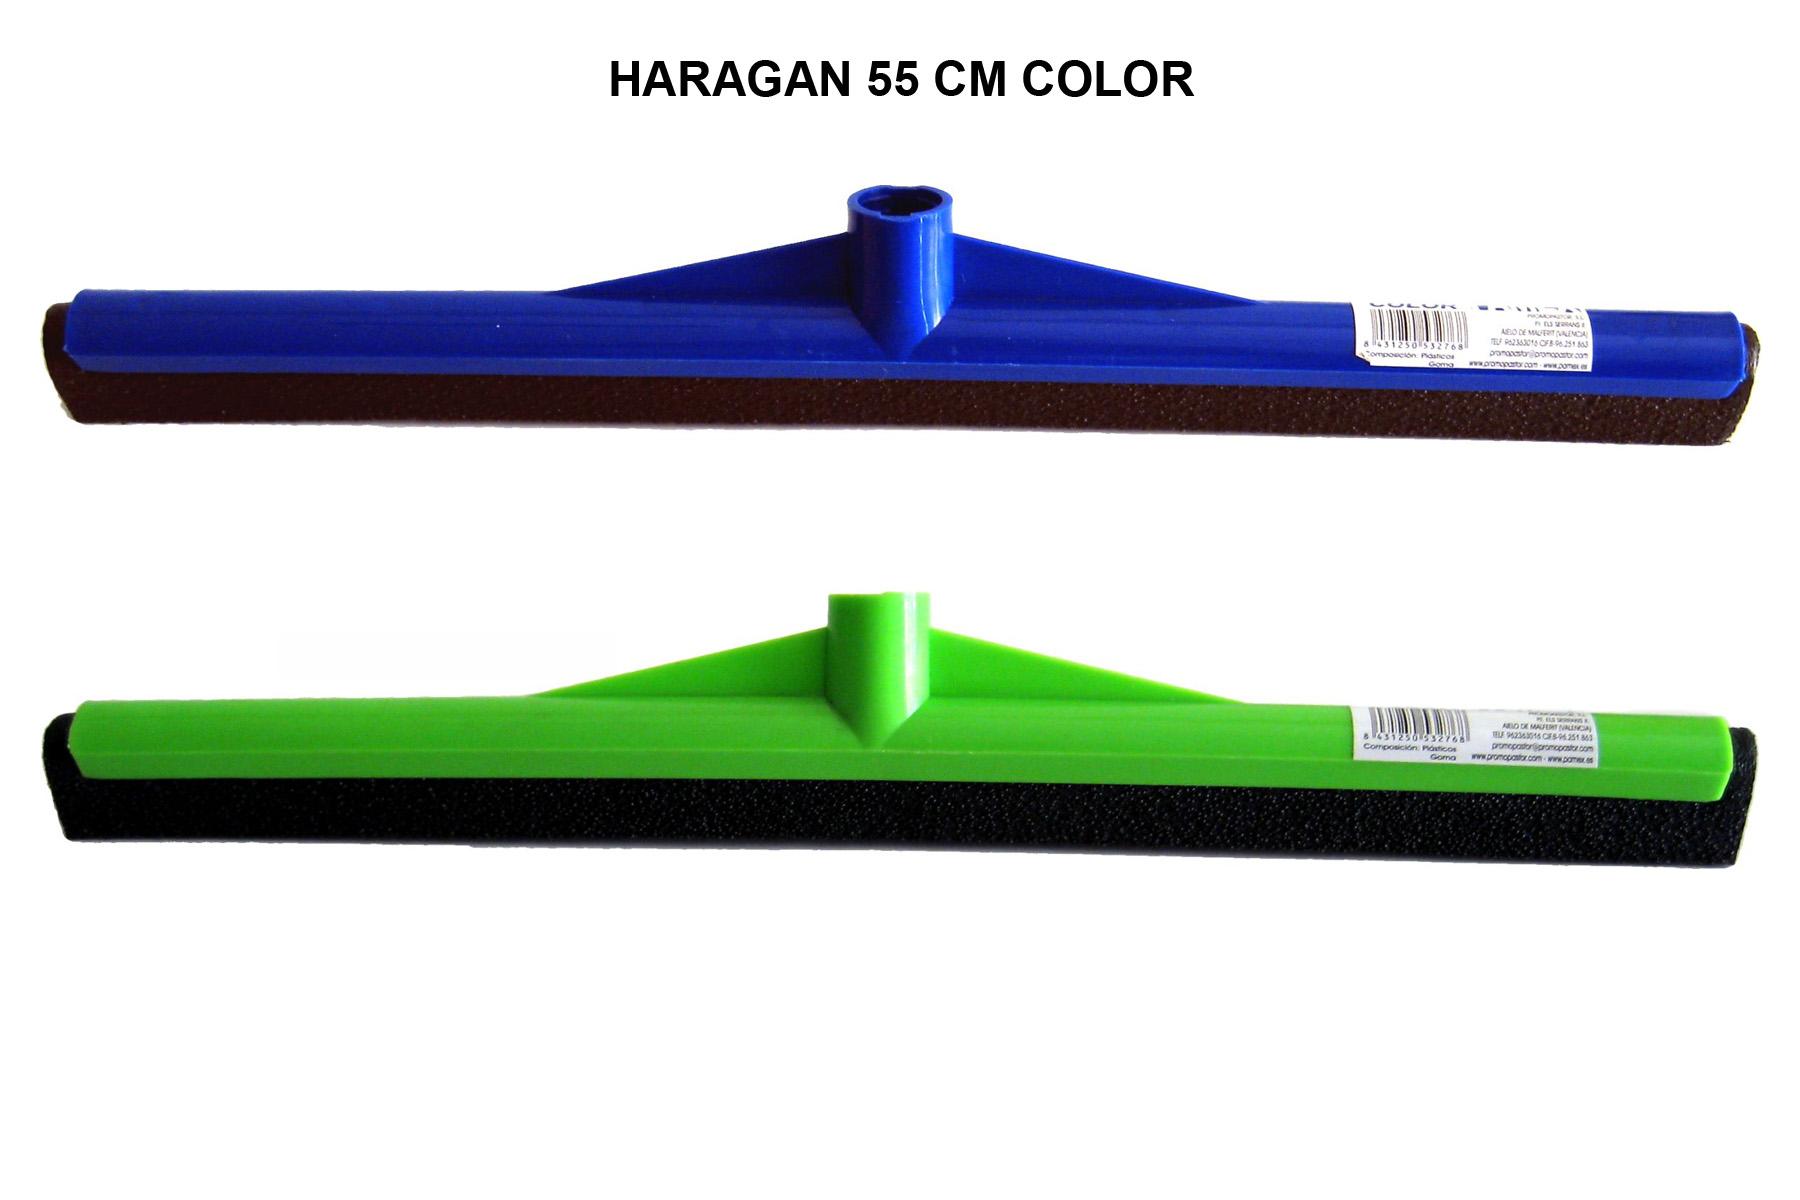 HARAGAN 55 CM COLOR